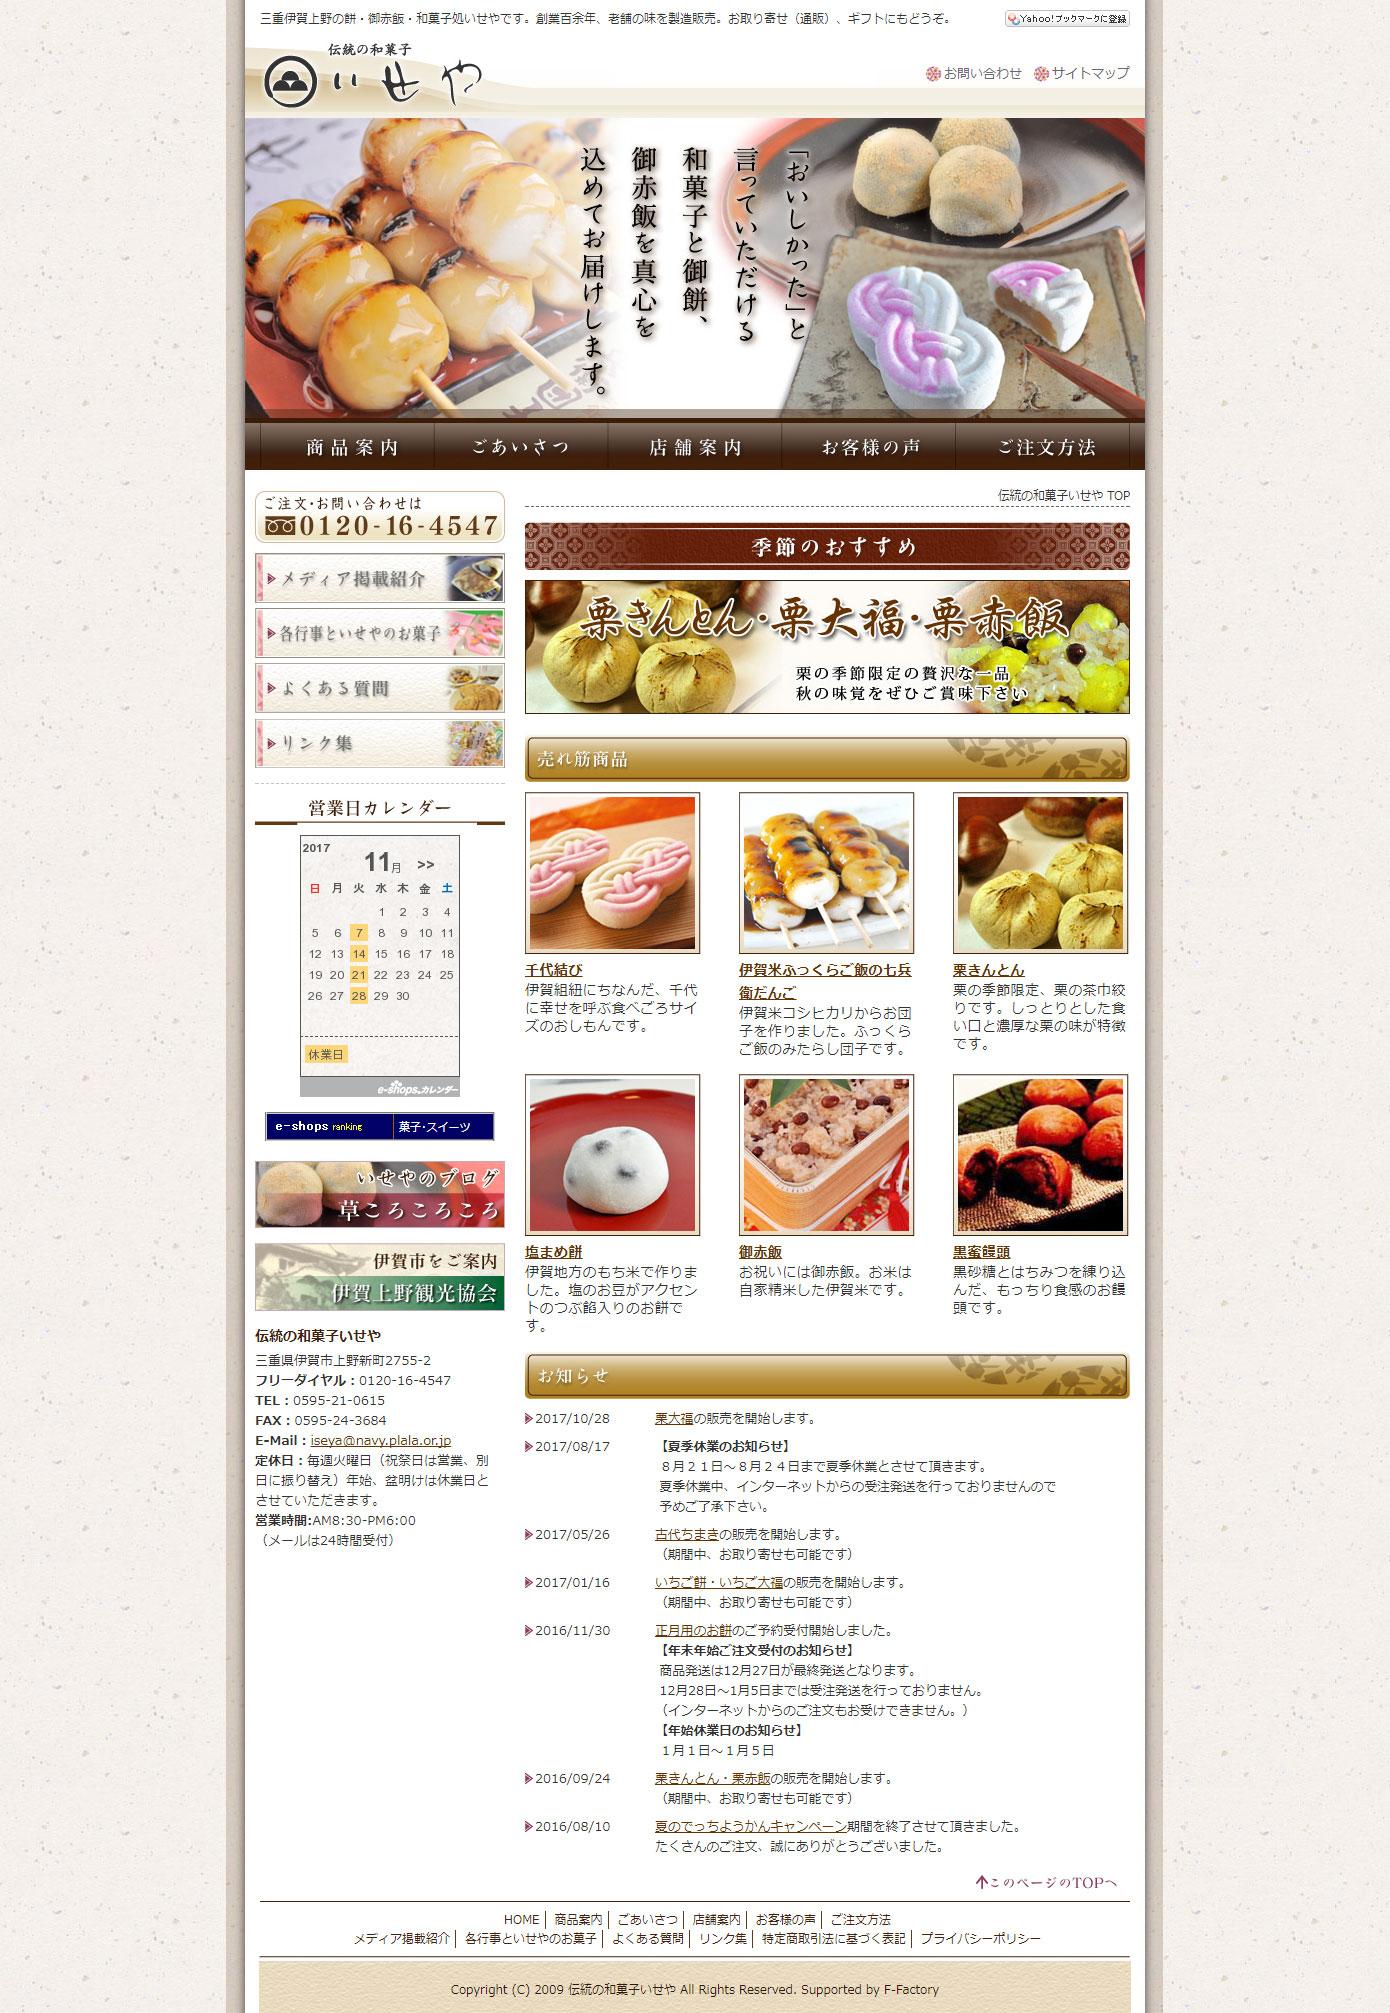 三重伊賀上野の餅・赤飯・和菓子処いせや